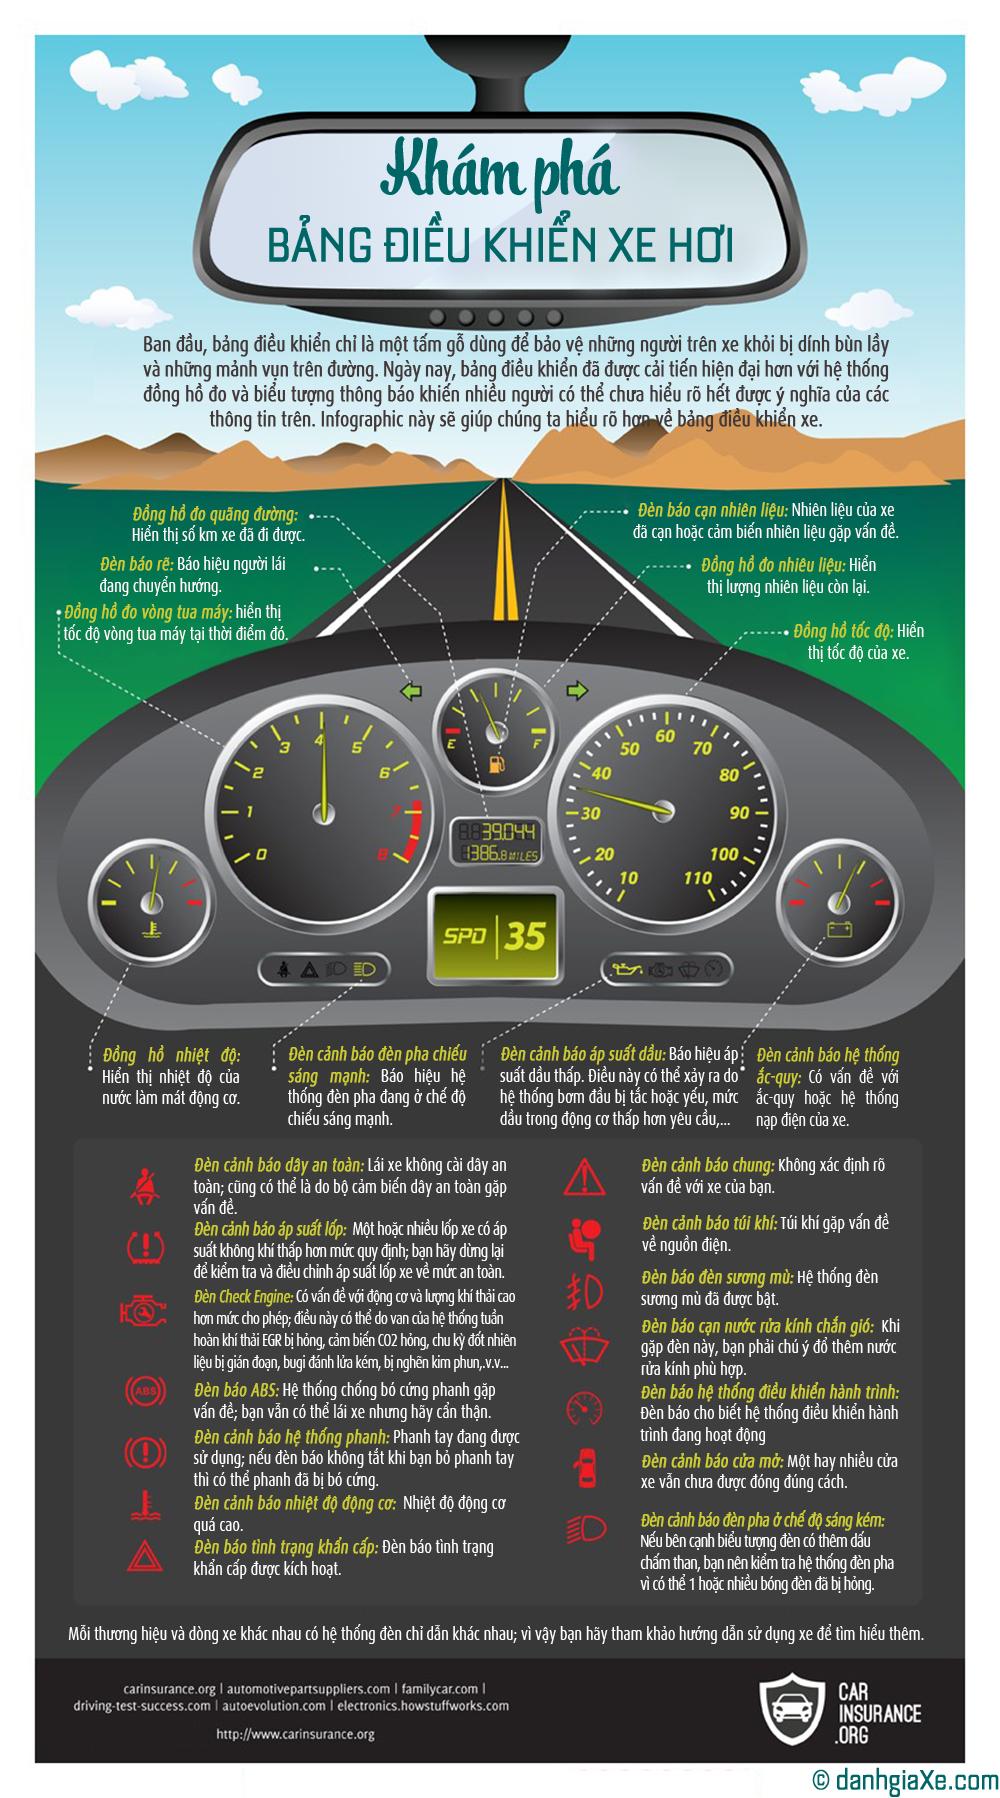 Ý nghĩa các biểu tượng trên bảng đồng hồ trung tâm của xe hơi